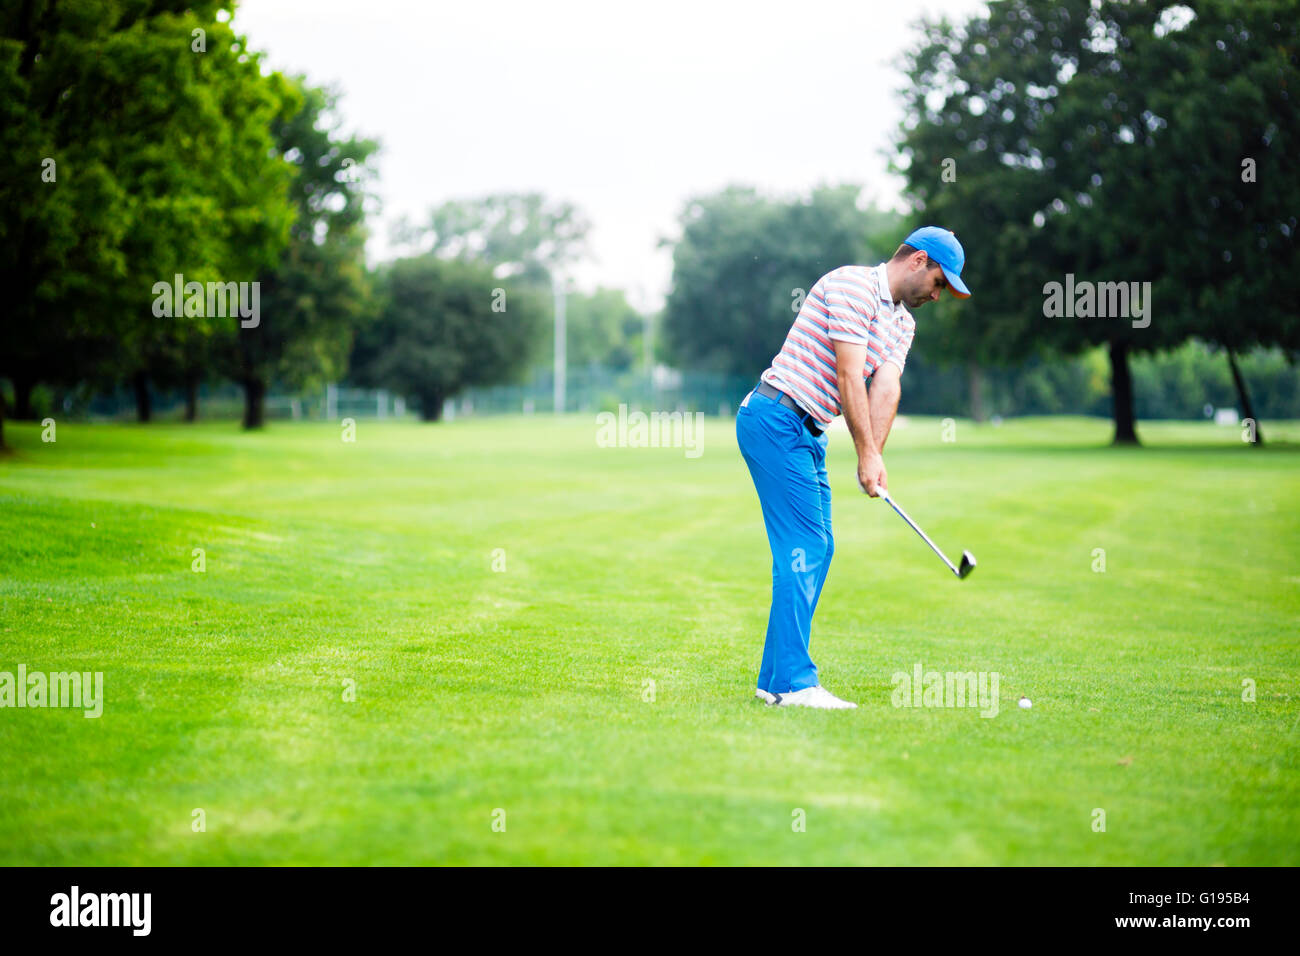 Golfista practicando y concentrar antes y después del disparo durante un día soleado Imagen De Stock